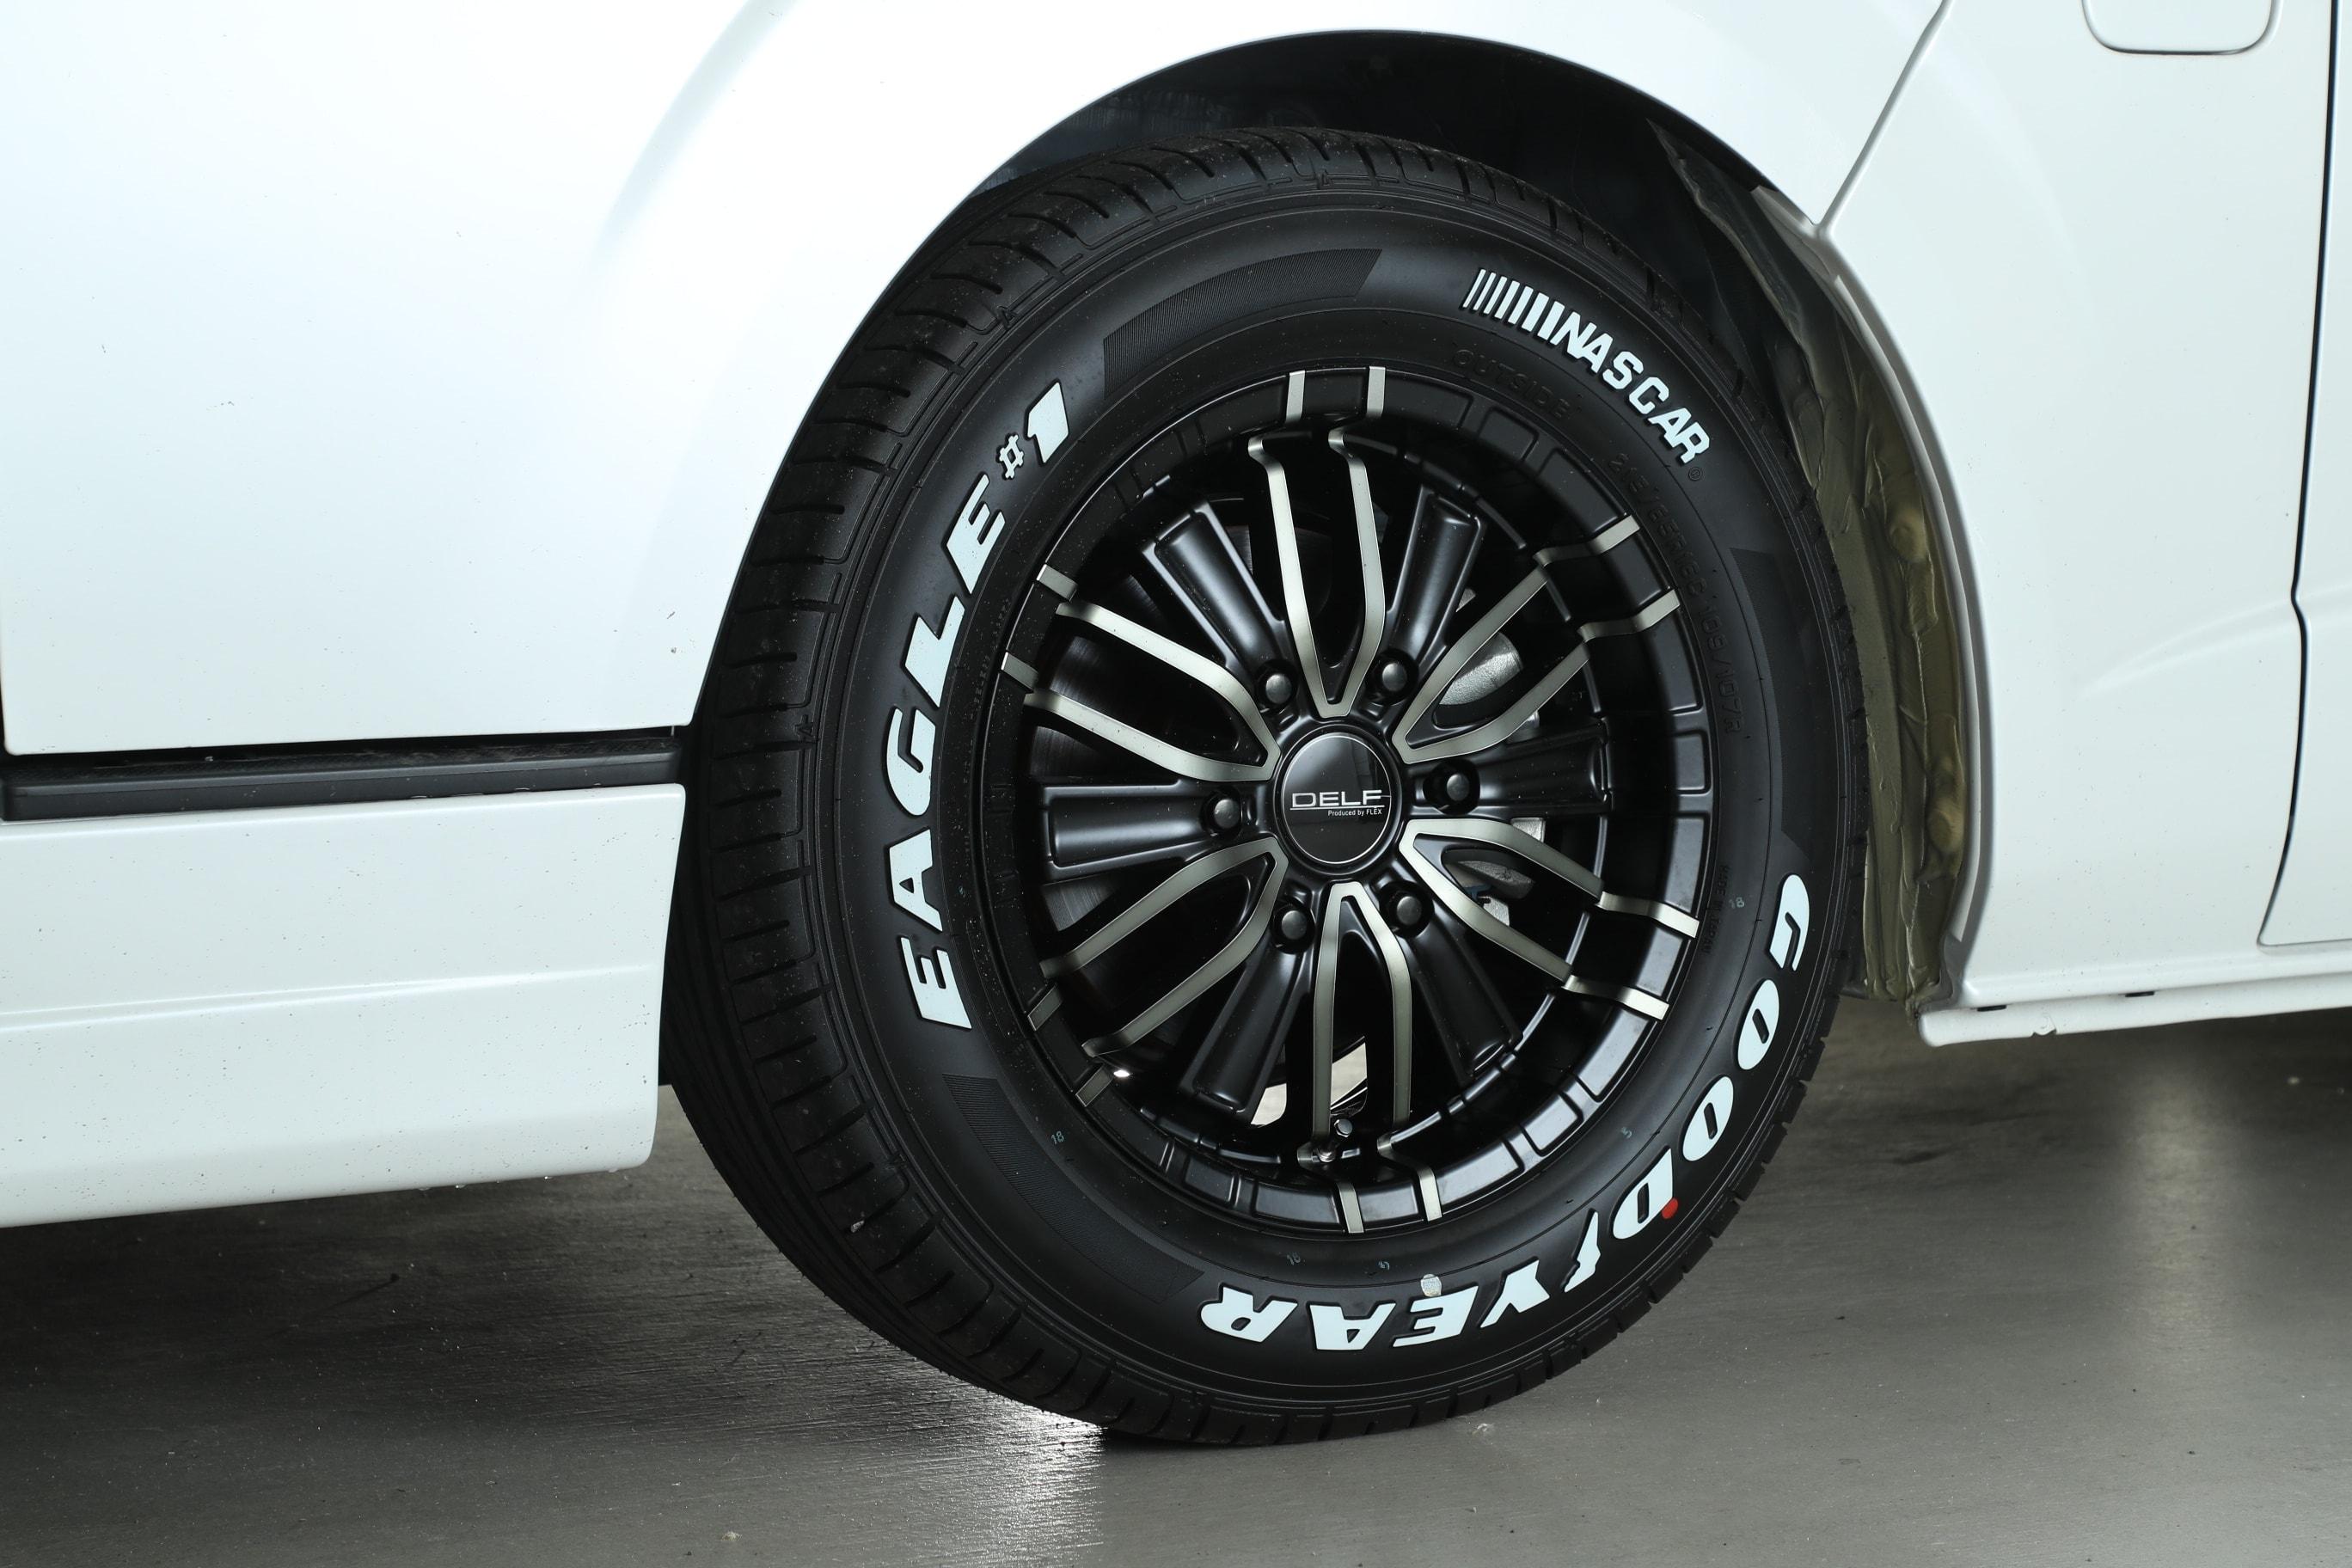 【車好きはこだわる】FLEXオリジナル ハイエース タイヤ&DF01ホイールセット